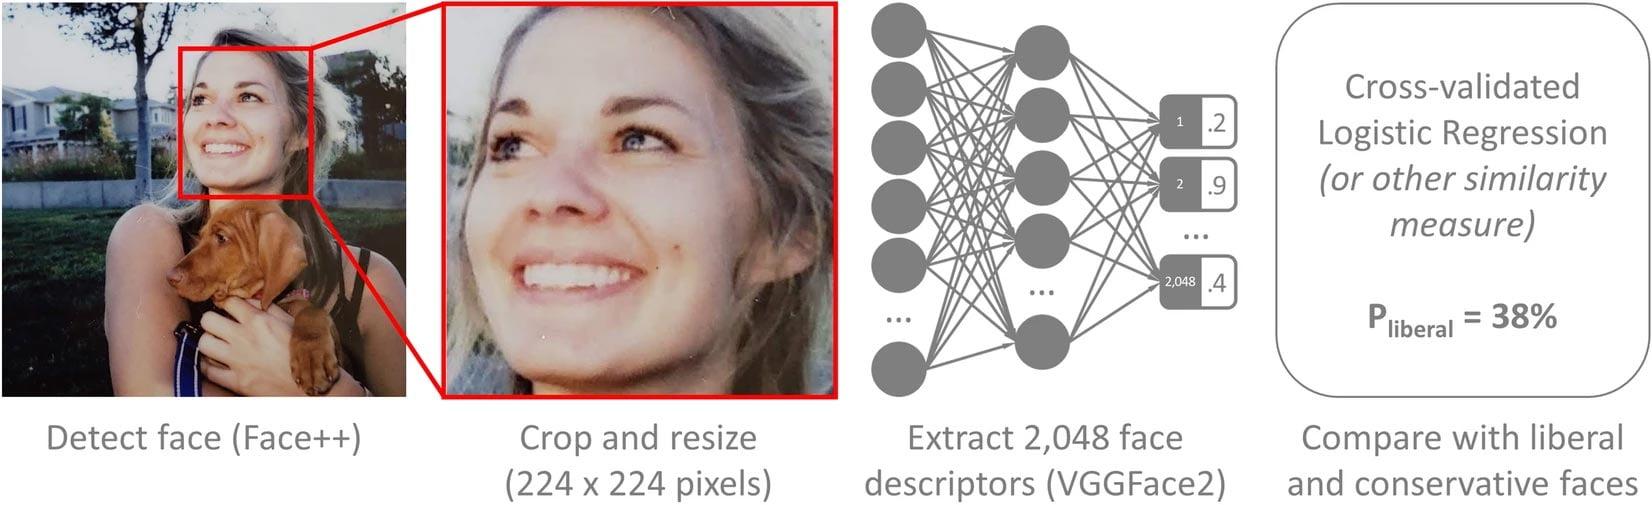 Bevor die Bilder in das neuronale Netz gegeben wurden, zoomte eine Software auf das Gesicht ein, um Umgebungsparameter so gut es geht zu reduzieren. | Bild: Michael Kosinski